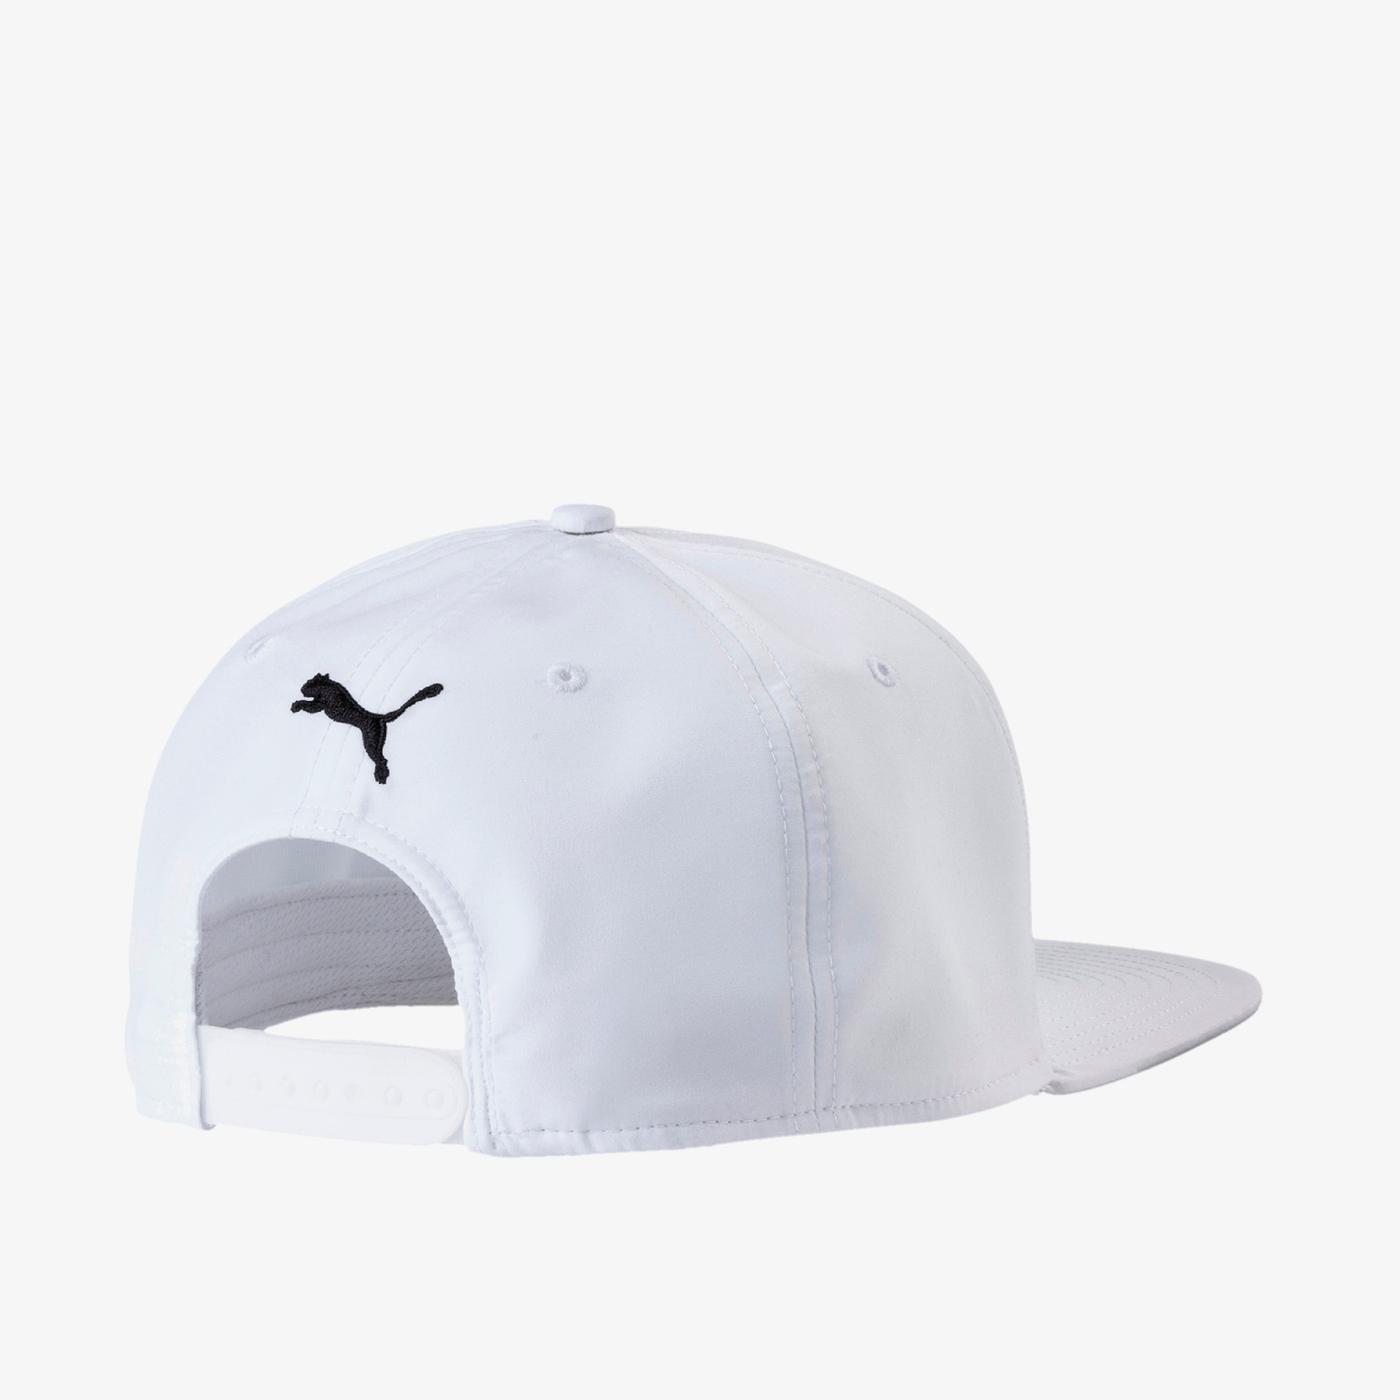 Puma Unisex Beyaz Düz Kenarlı Şapka